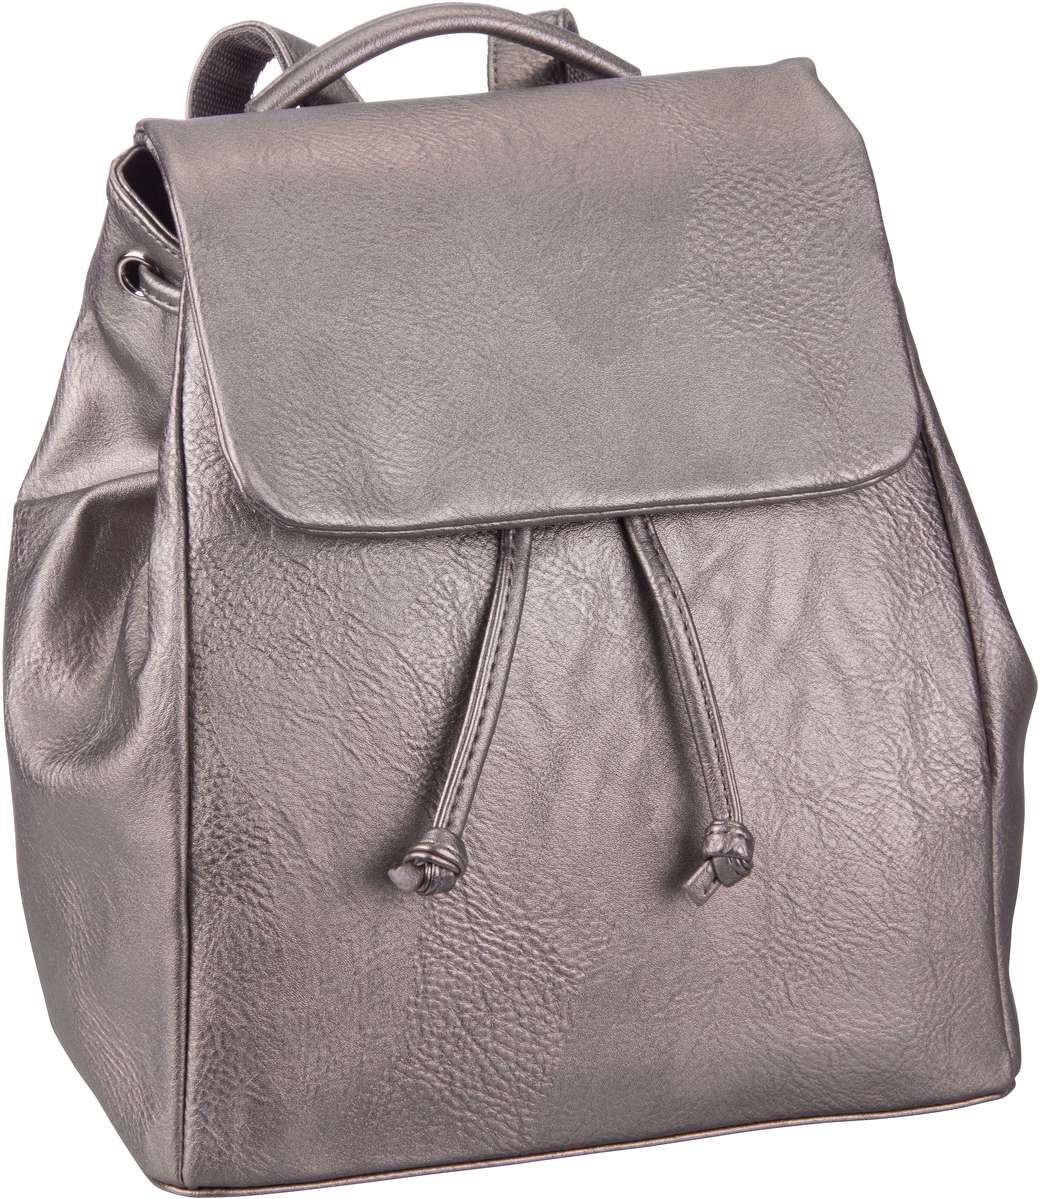 Rucksack / Daypack Merritt 2693 Daypack Silber (9 Liter)